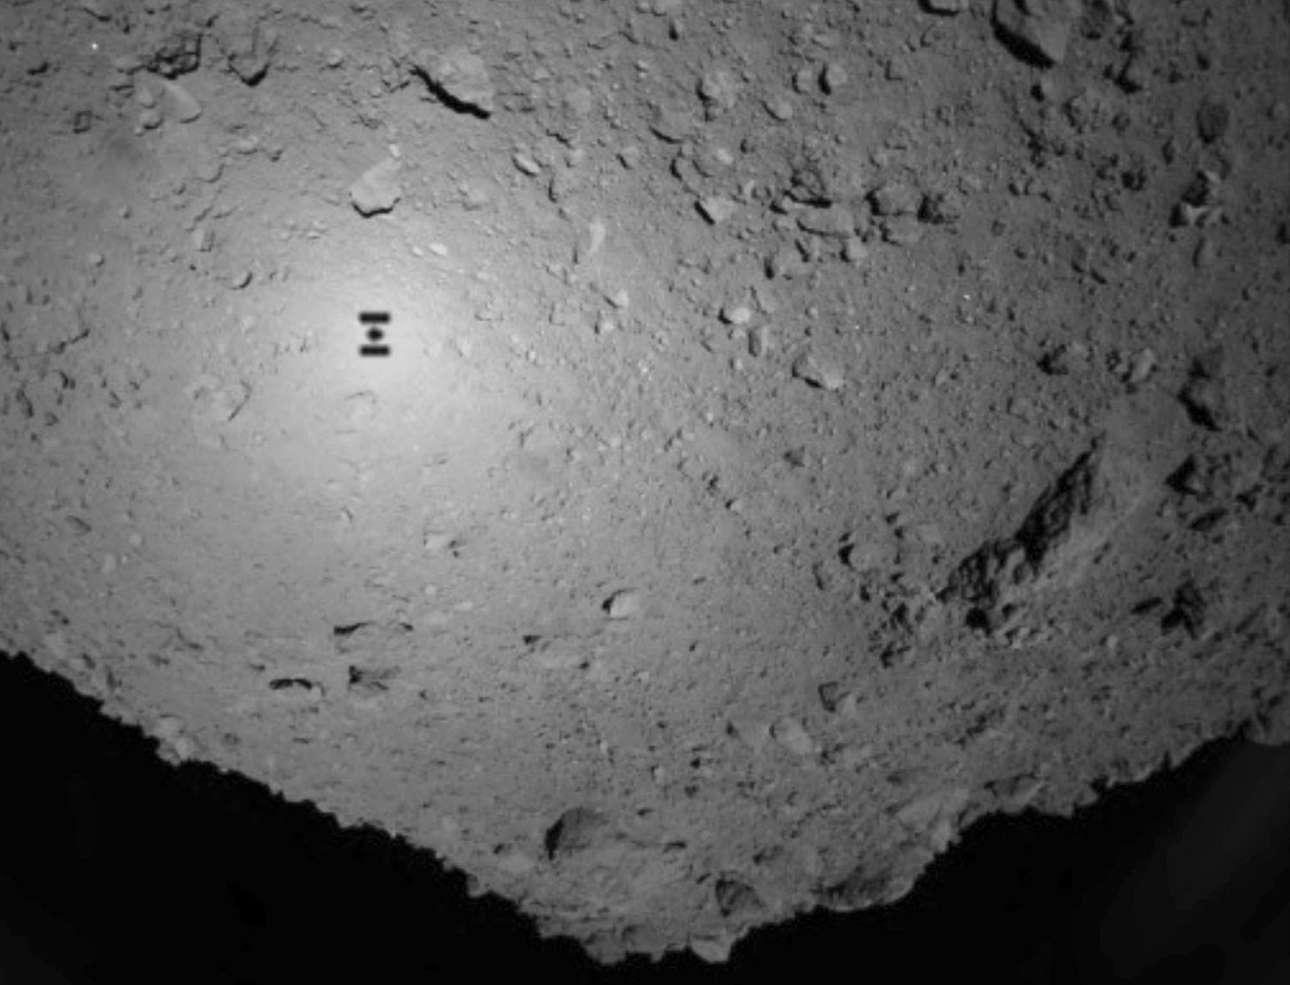 Στην εικόνα φαίνεται το διαστημικό σκάφος Hayabusa2 που έστειλαν οι Ιάπωνες με σκοπό τη συλλογή στοιχείων για την προέλευση του ηλιακού συστήματος. Βρίσκεται πάνω από τον αστεροειδή Ryugu, στις 21 Σεπτεμβρίου 2018